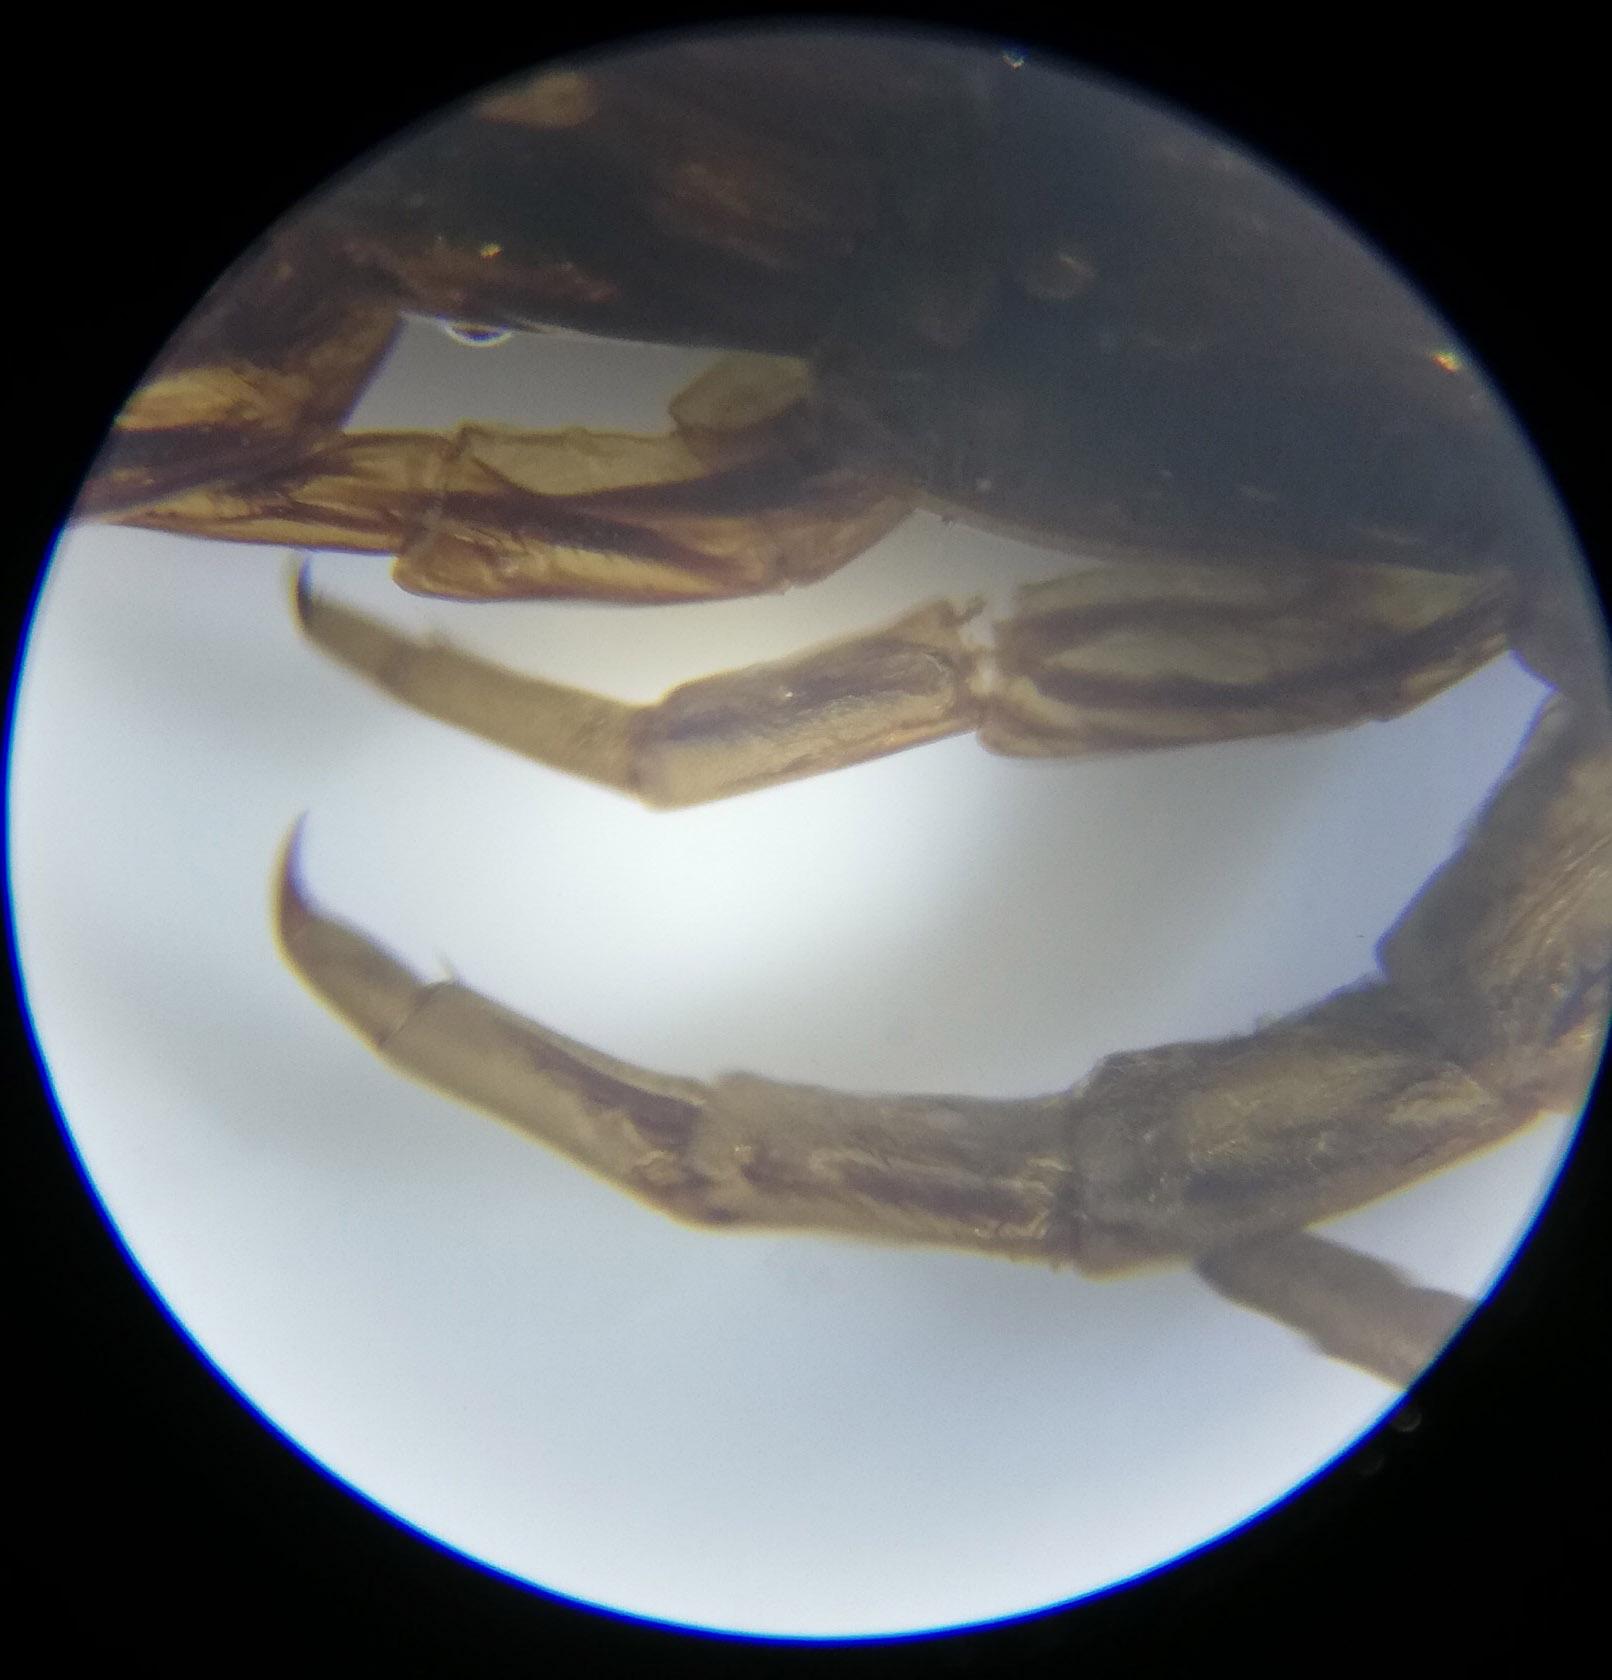 Centipede Legs